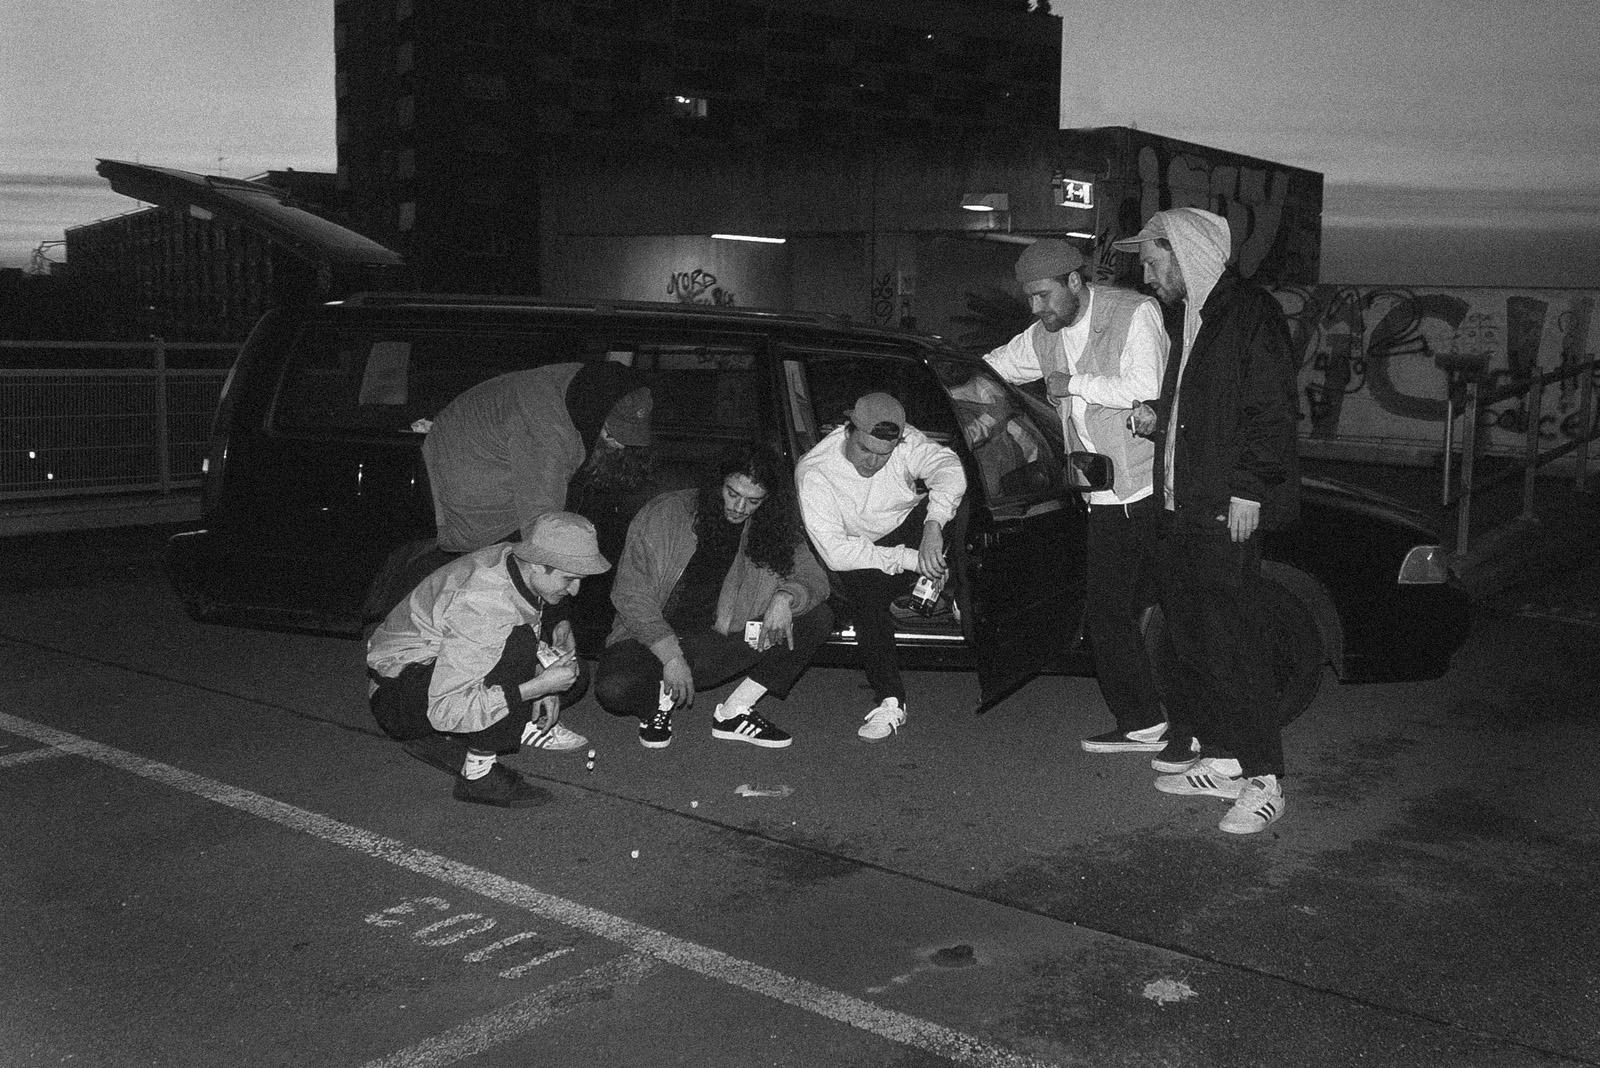 FERGE X FISHERMAN kündigen ihr Debütalbum an | Heute die Videopremiere 'Backstage'